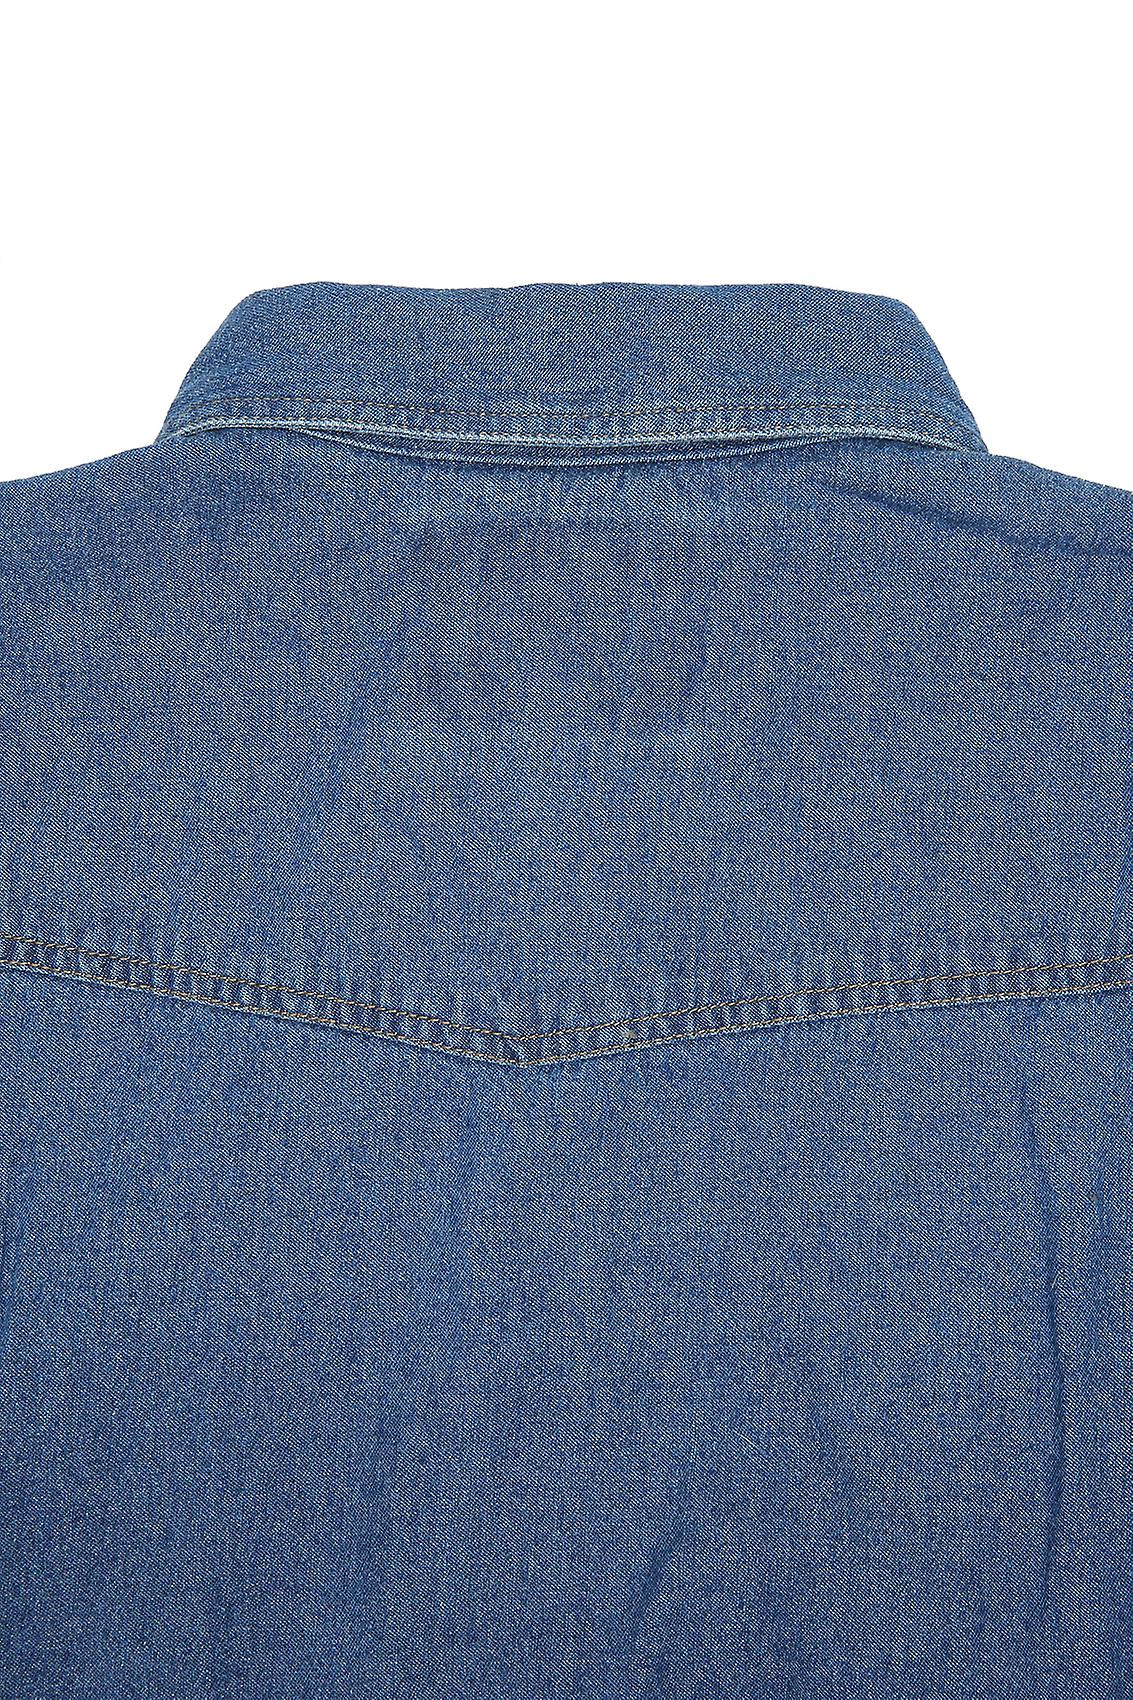 DUKE Stonewash Denim Shirt